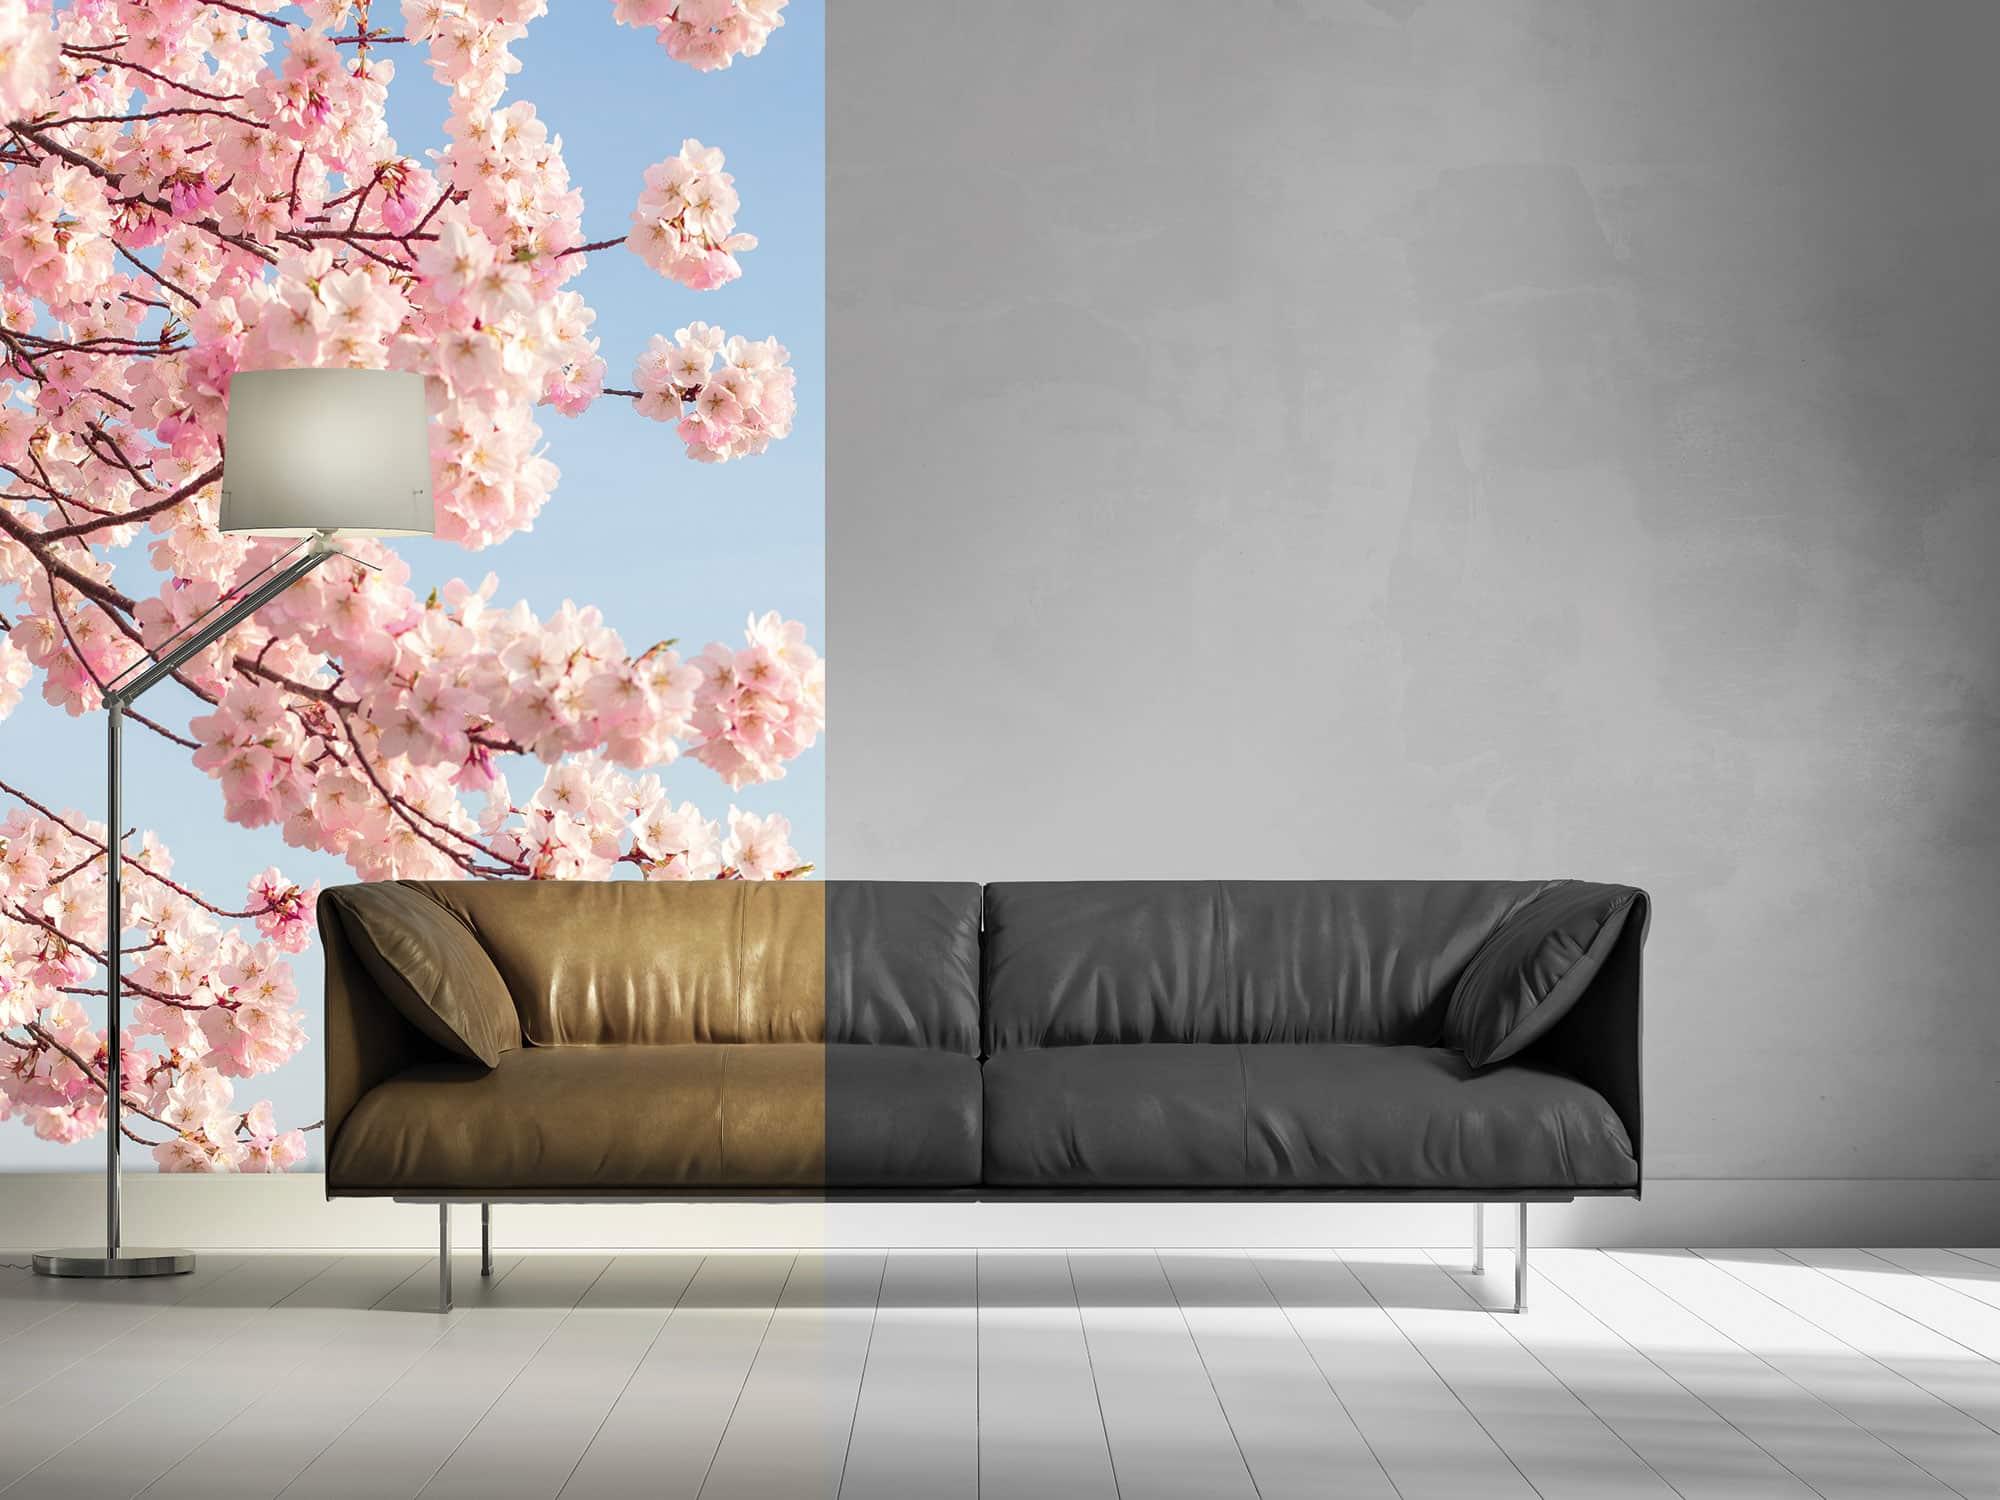 Eurodecor über SIHL: Moderne Gestaltung im Showroom